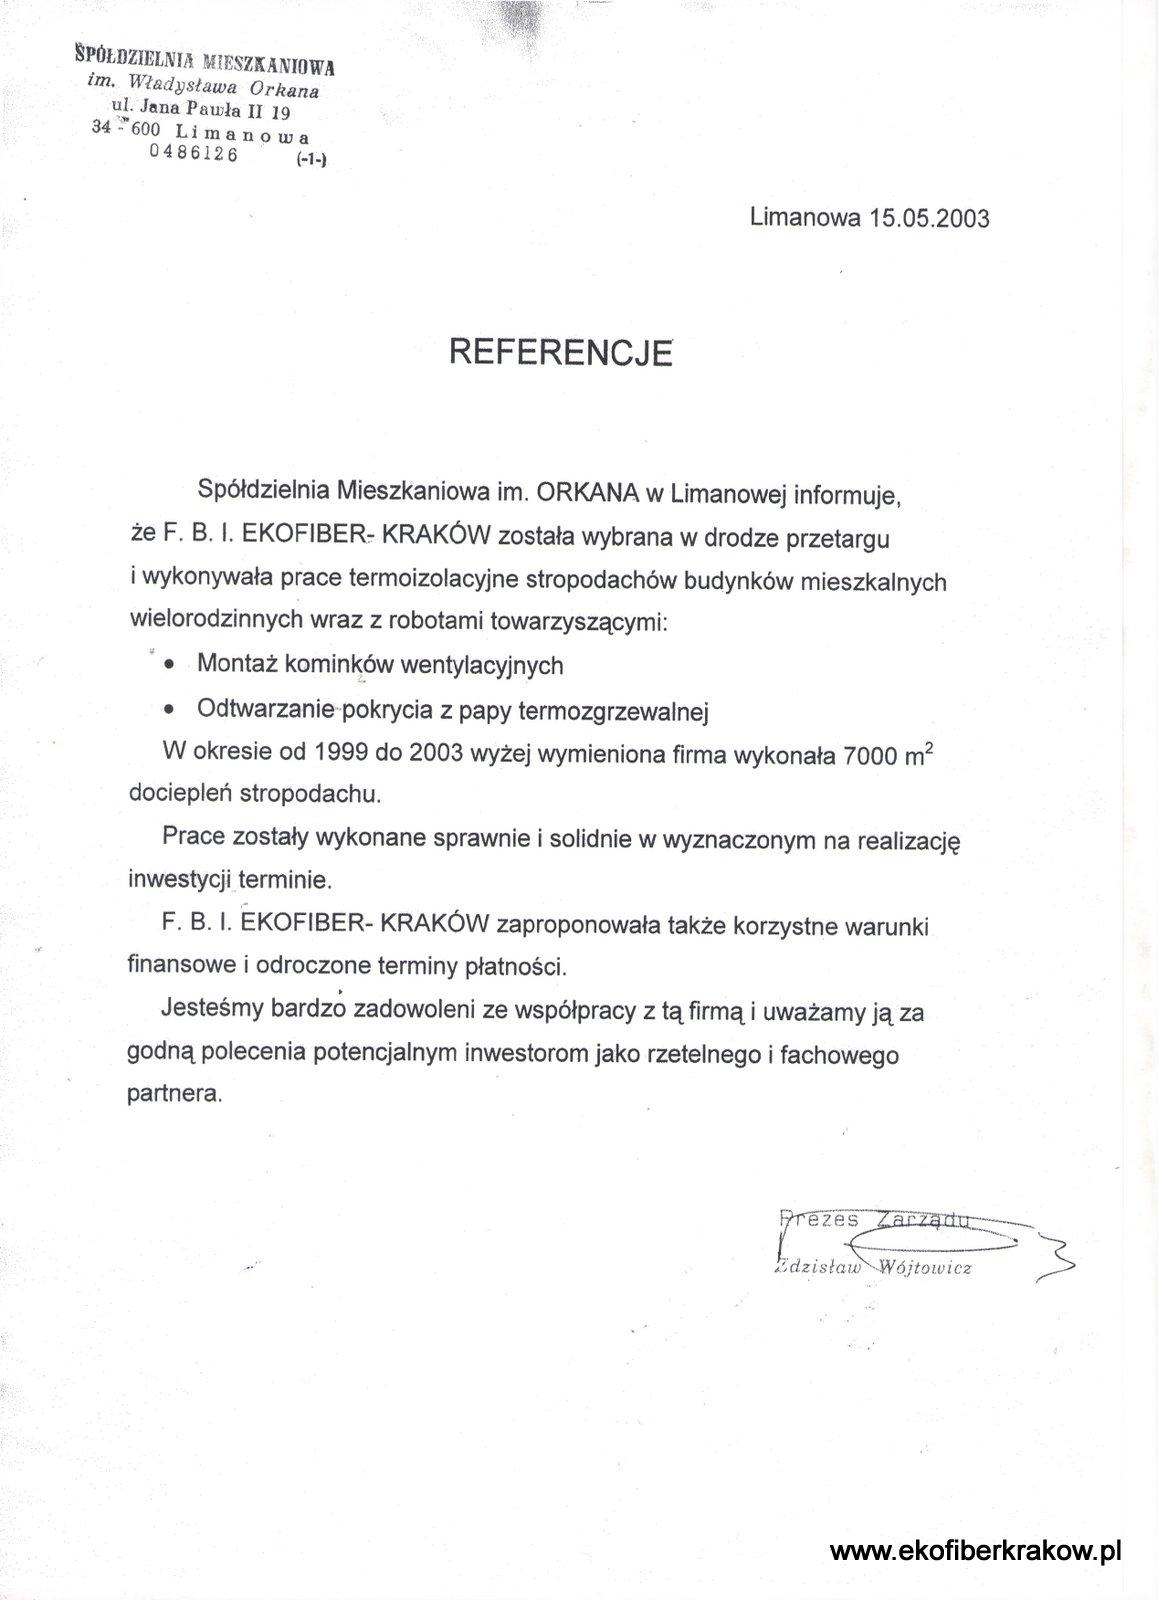 Referencje SM im. Orkana w Limanowej